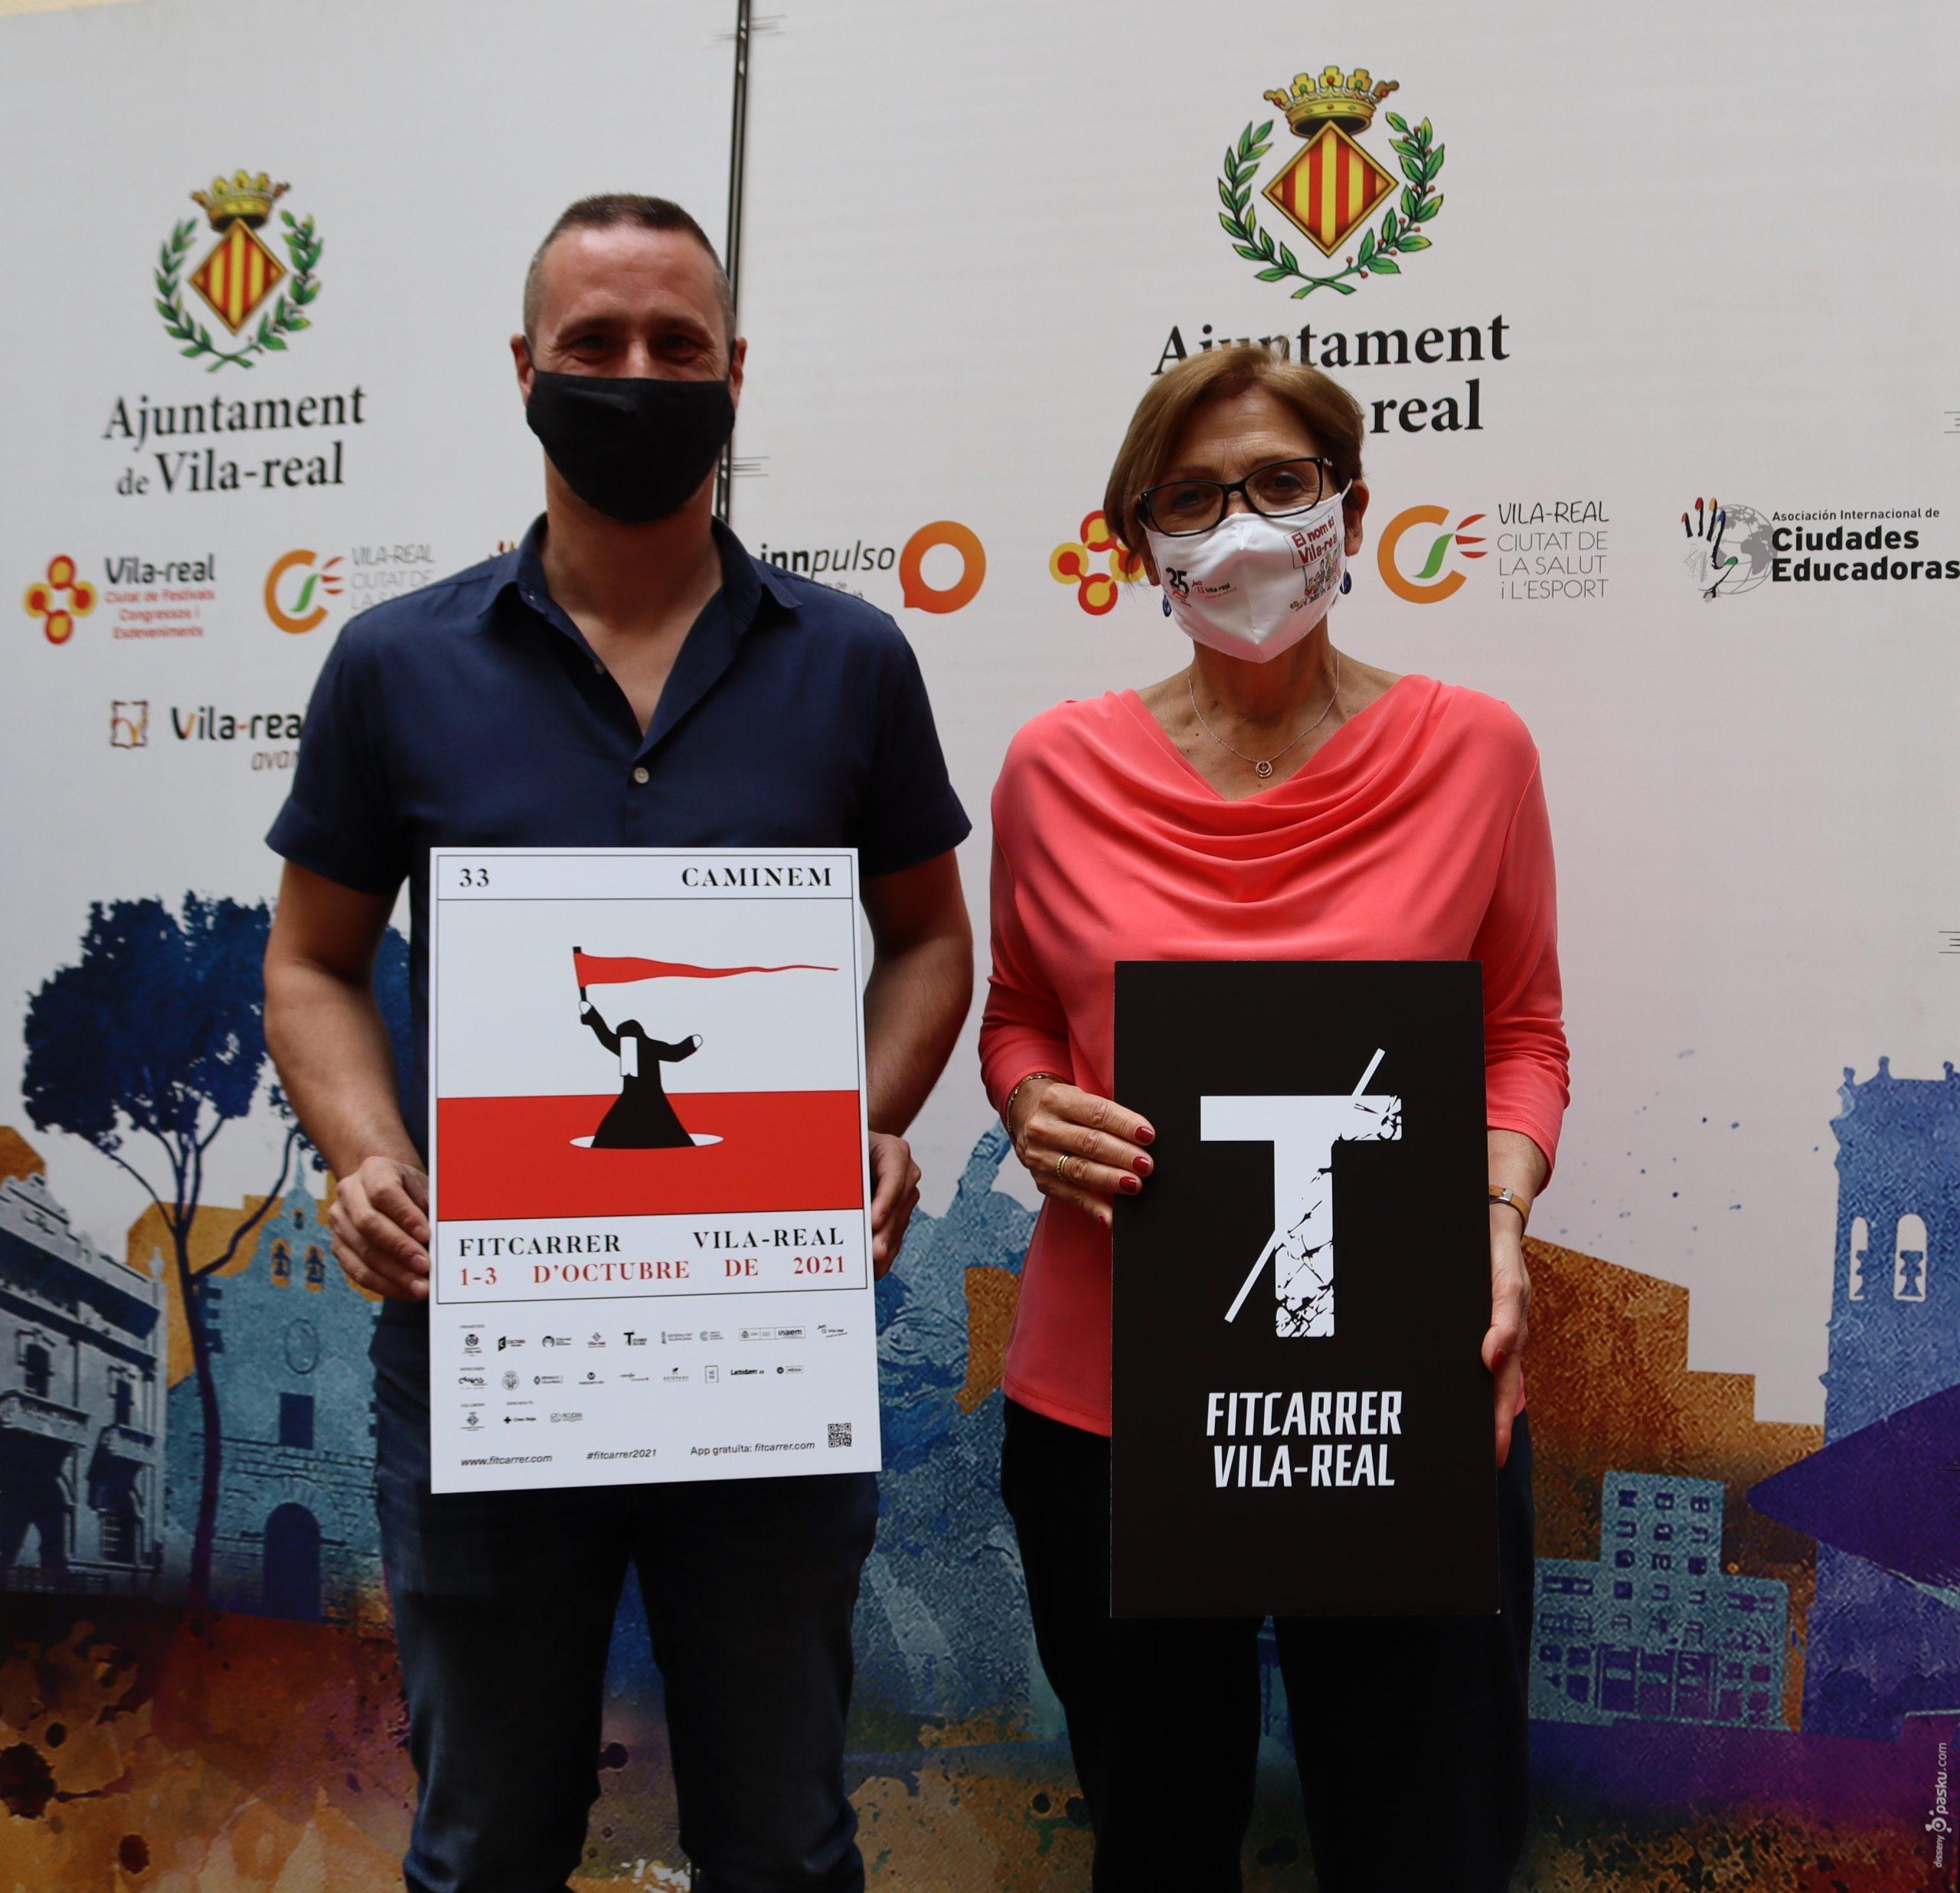 FITCarrer regresa con fuerza en la post pandemia con 17 compañías, 10 escenarios y apoyo a las artes de calle locales de Vila-real